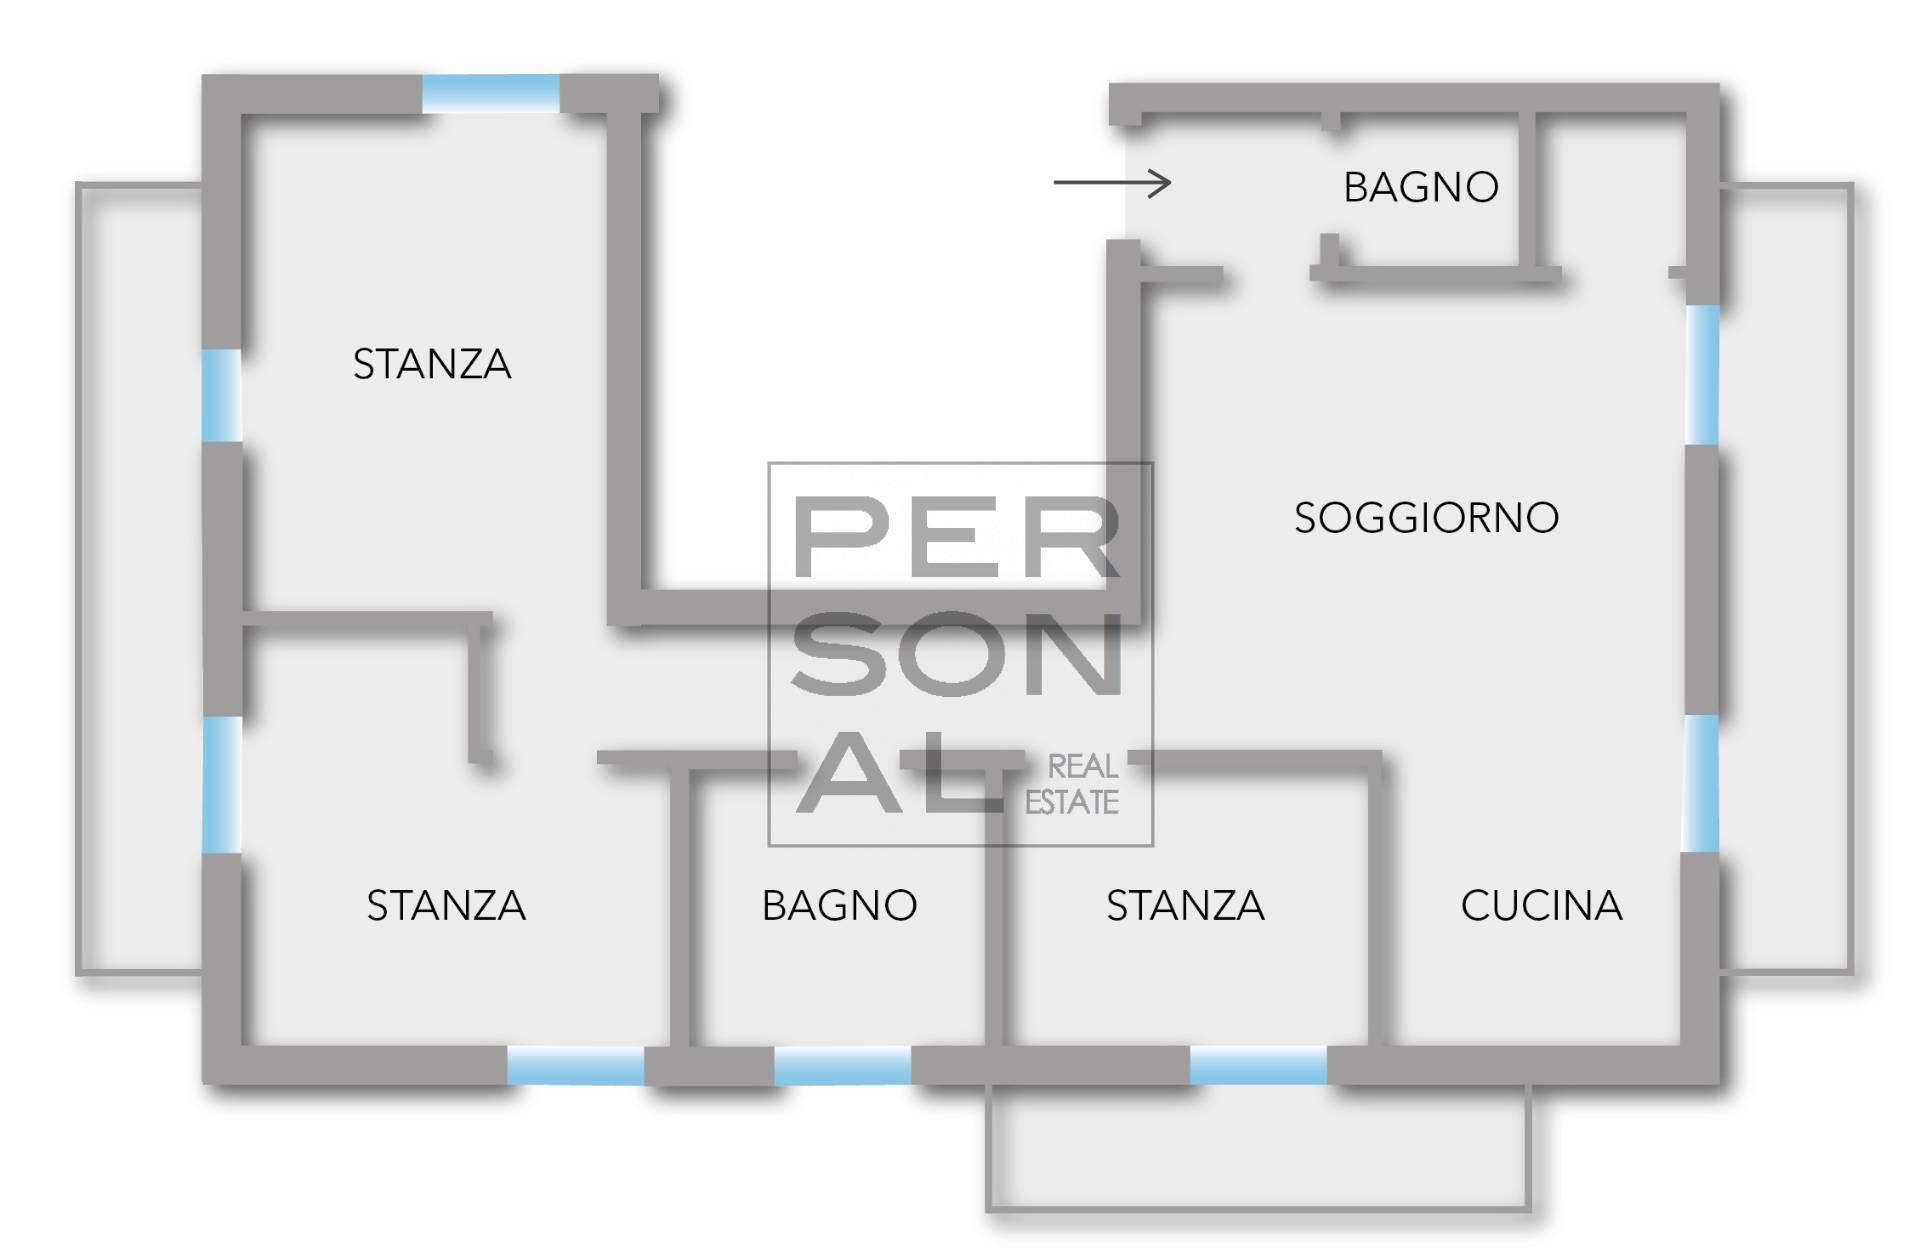 Appartamento in vendita a Roncegno Terme, 4 locali, prezzo € 185.000 | CambioCasa.it